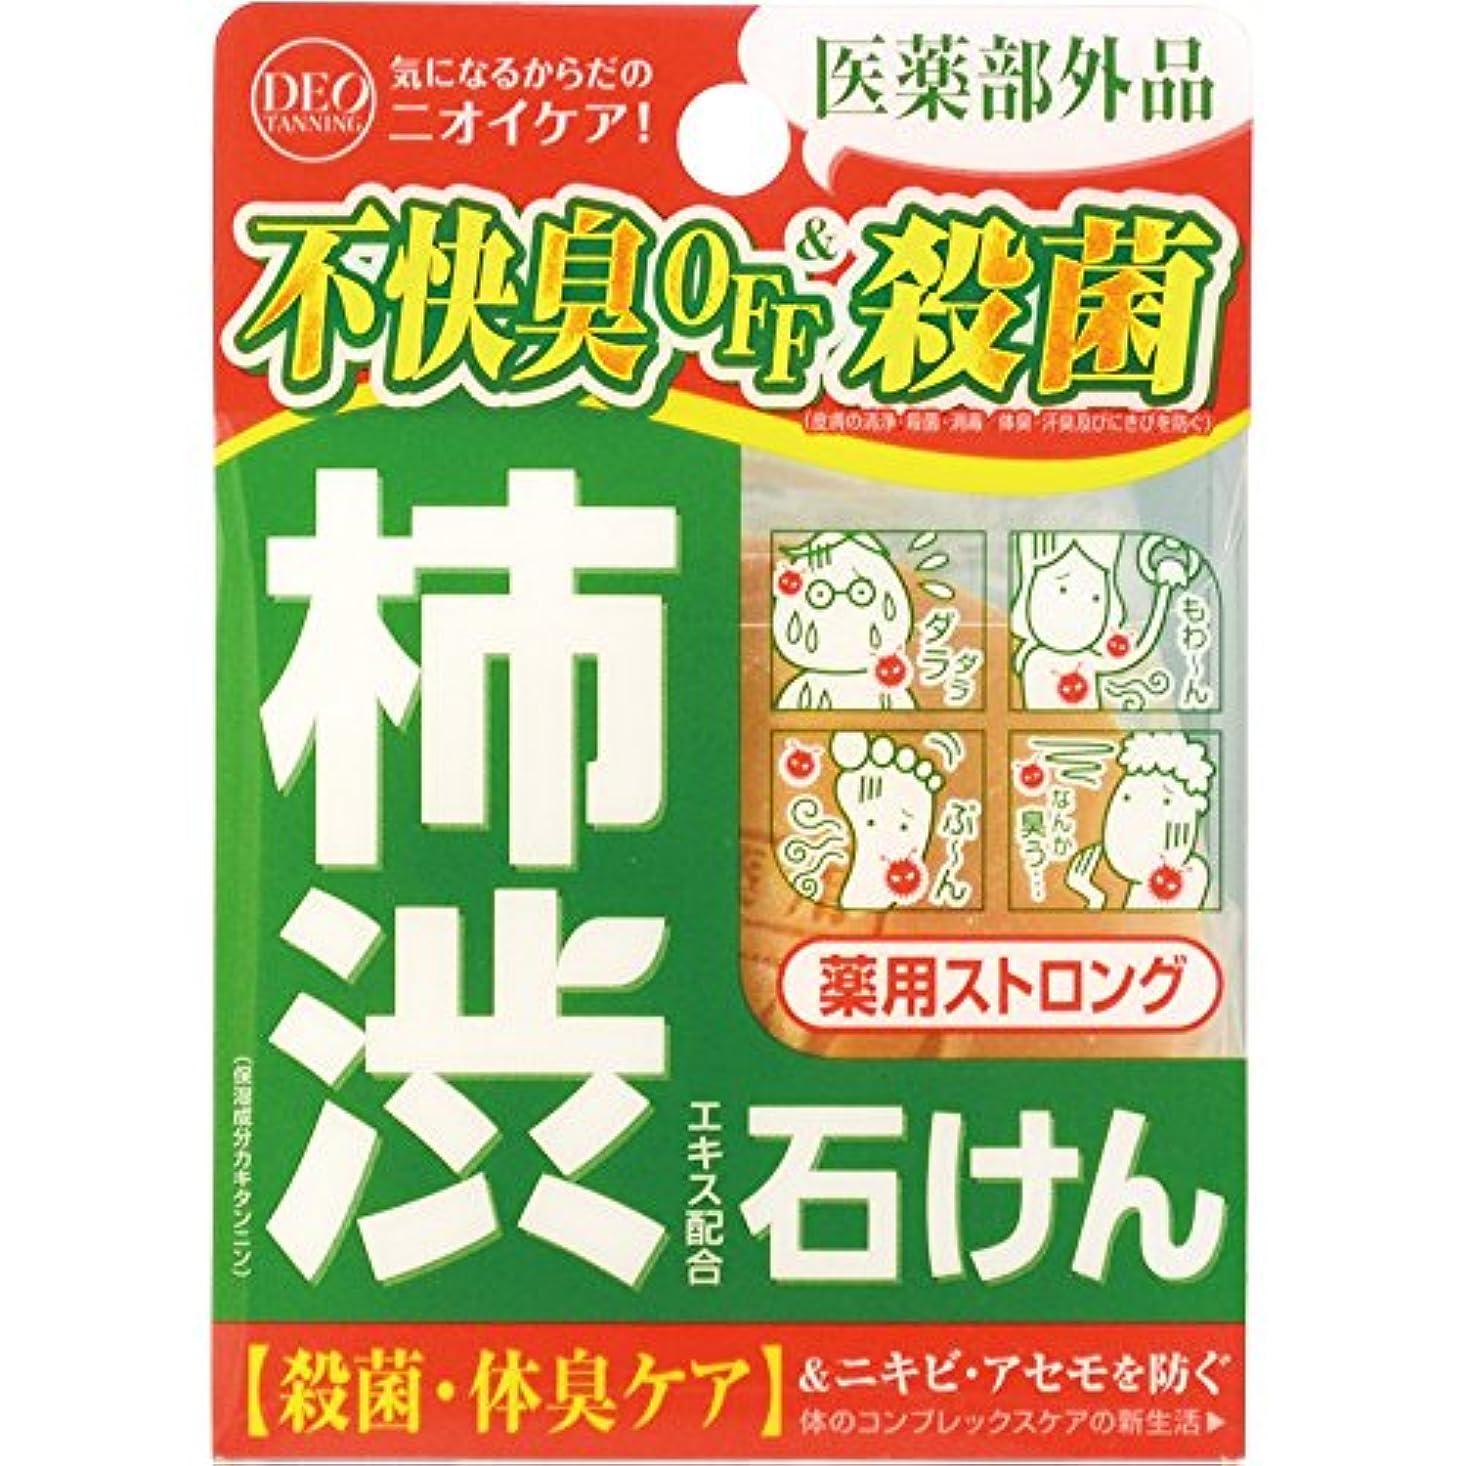 状プレゼンテーション権威デオタンニング 薬用ストロング ソープ 100g (医薬部外品)